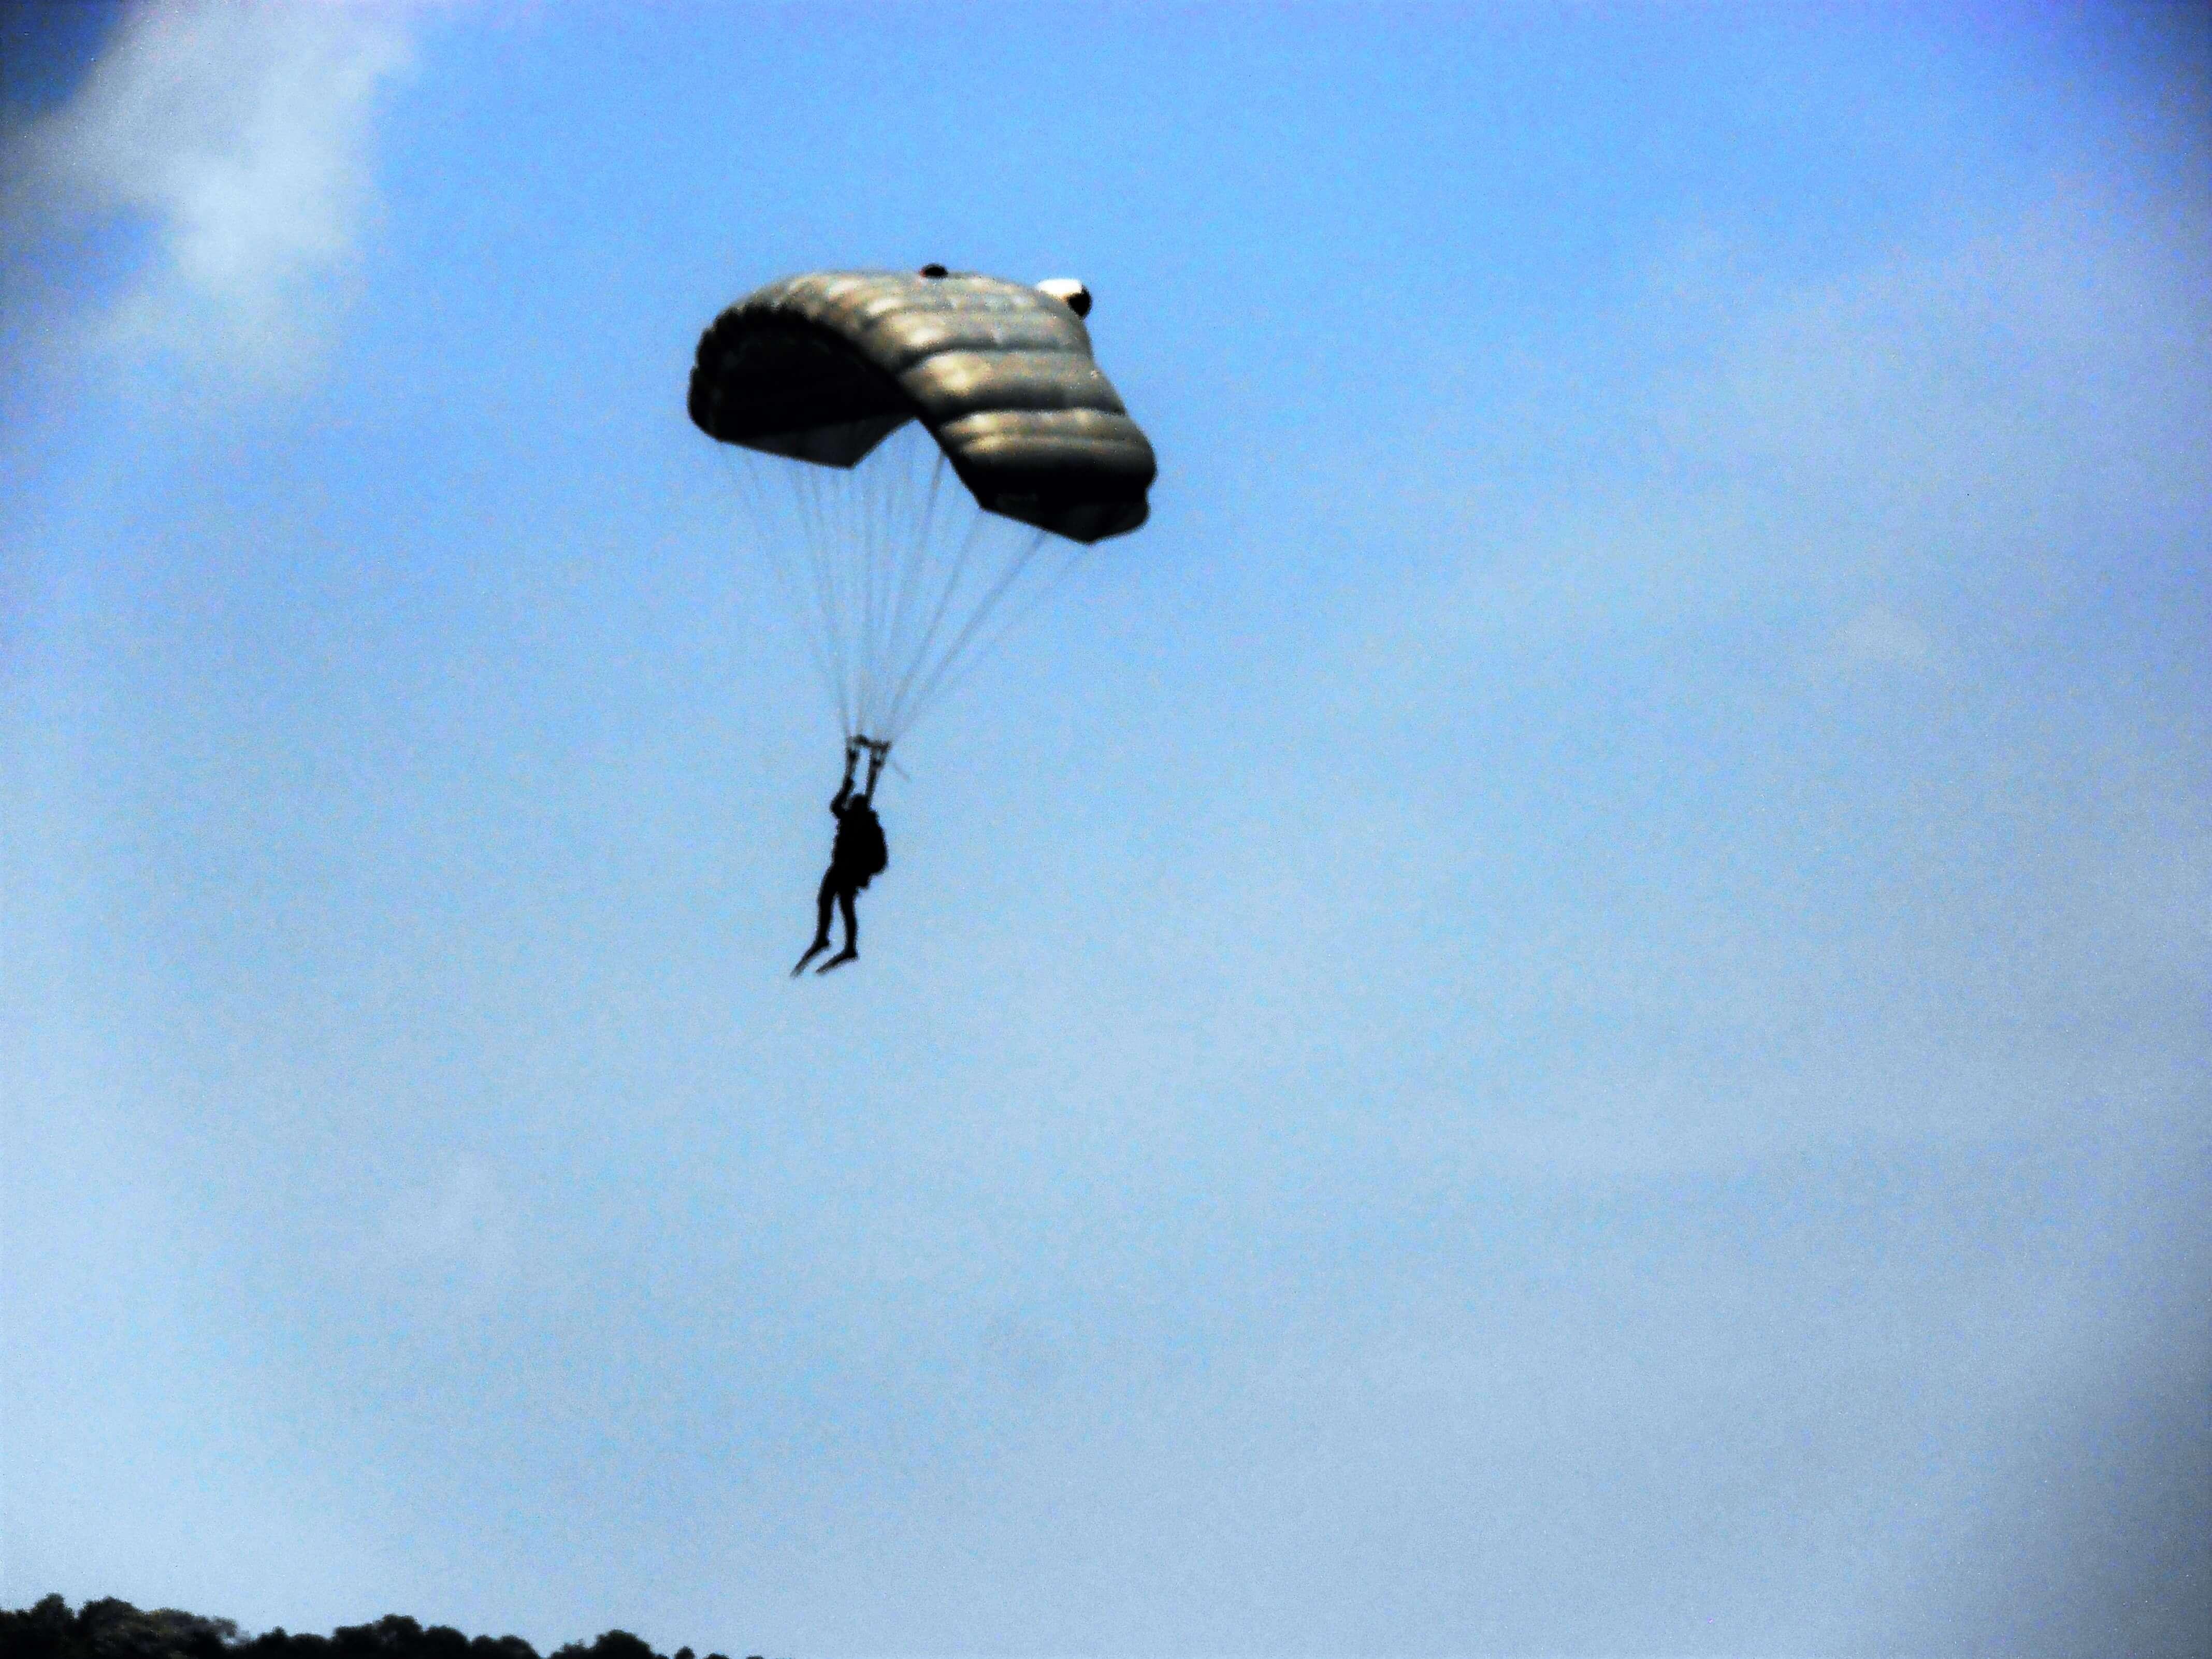 a man parasailing